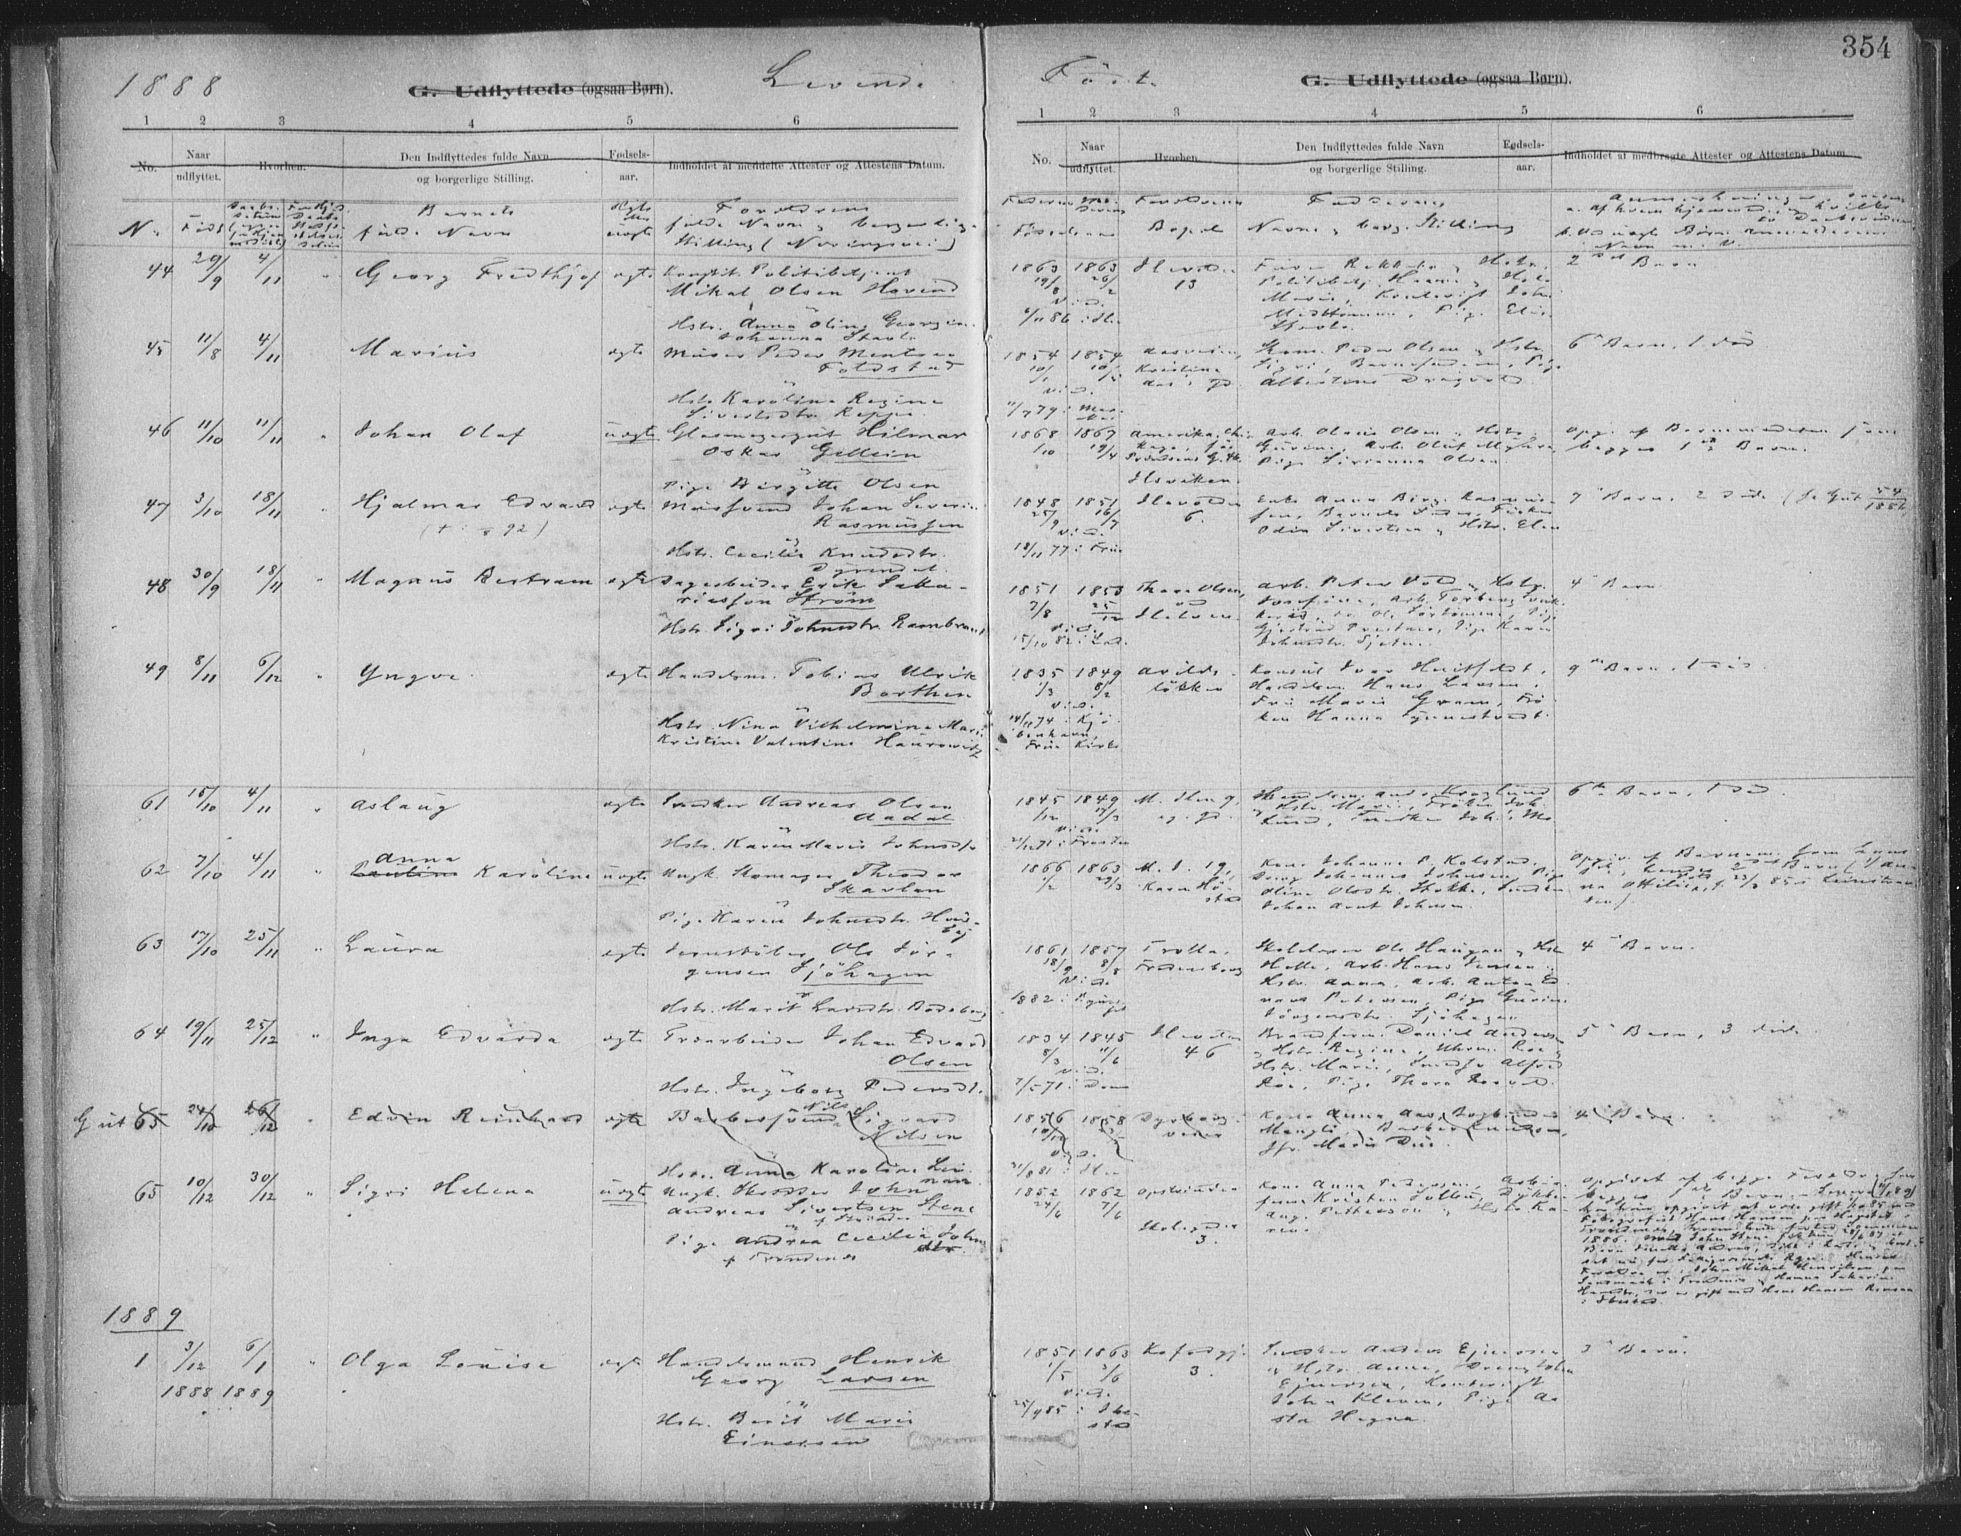 SAT, Ministerialprotokoller, klokkerbøker og fødselsregistre - Sør-Trøndelag, 603/L0163: Ministerialbok nr. 603A02, 1879-1895, s. 354